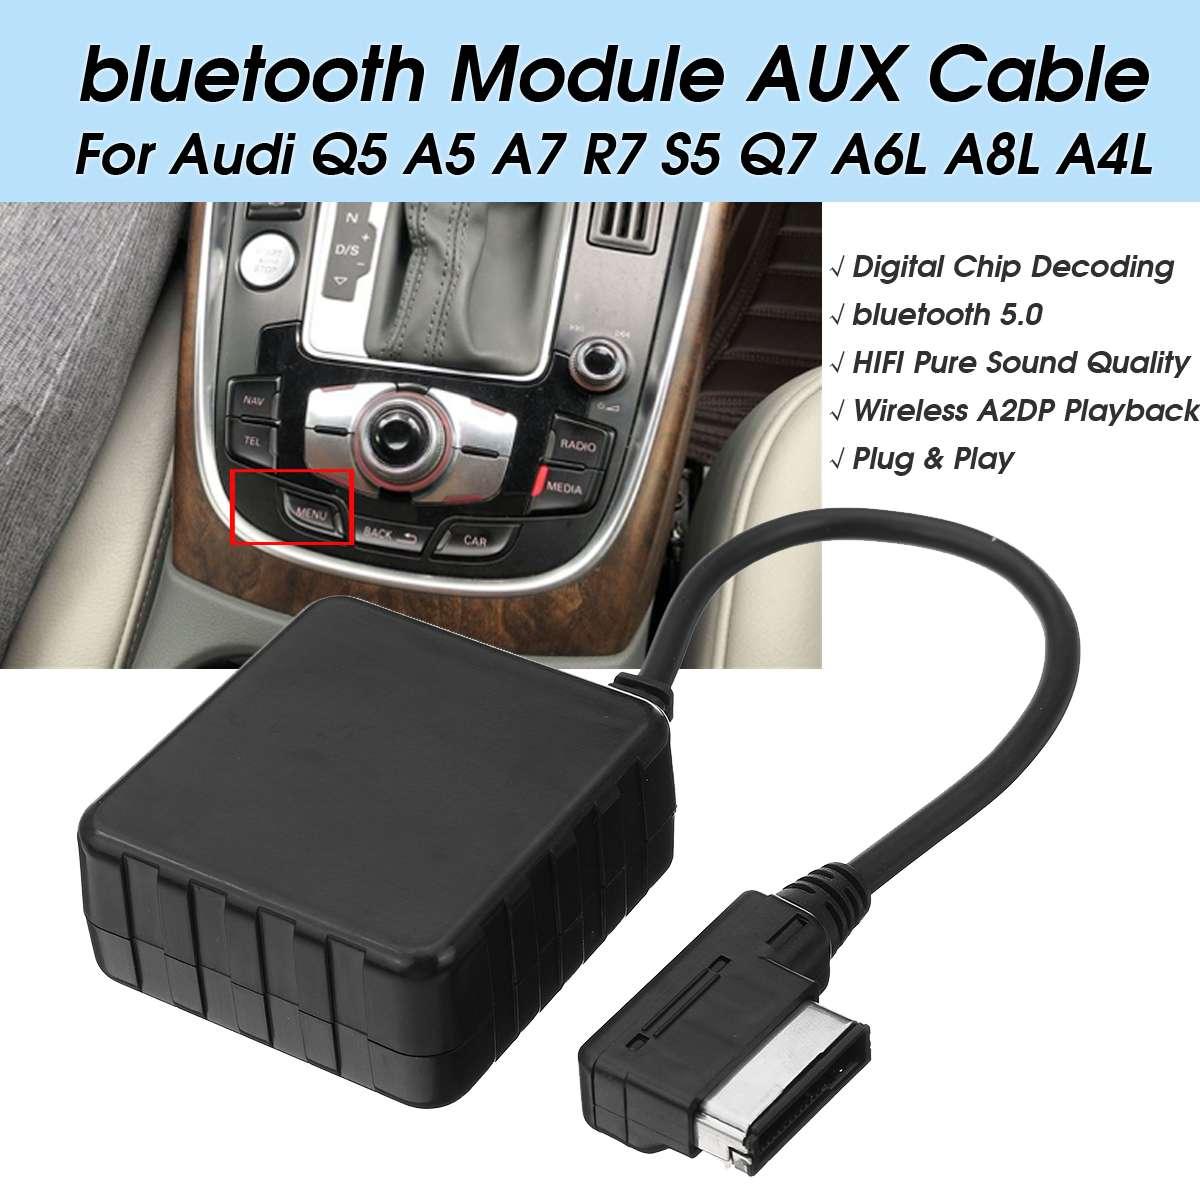 Car bluetooth Kit Module AUX Input Cable Adapter MMI 3G+ For Audi Q5 A5/7 R7 S5 Q7 A6L/8L A4L(China)